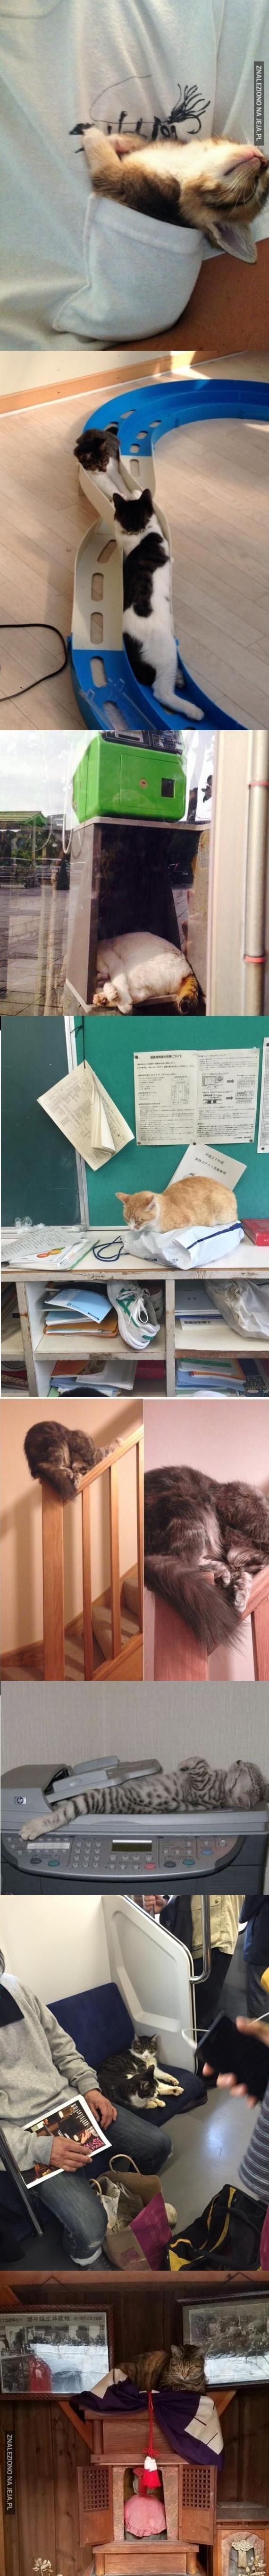 Nie ma miejsca, gdzie kot nie zaśnie #1